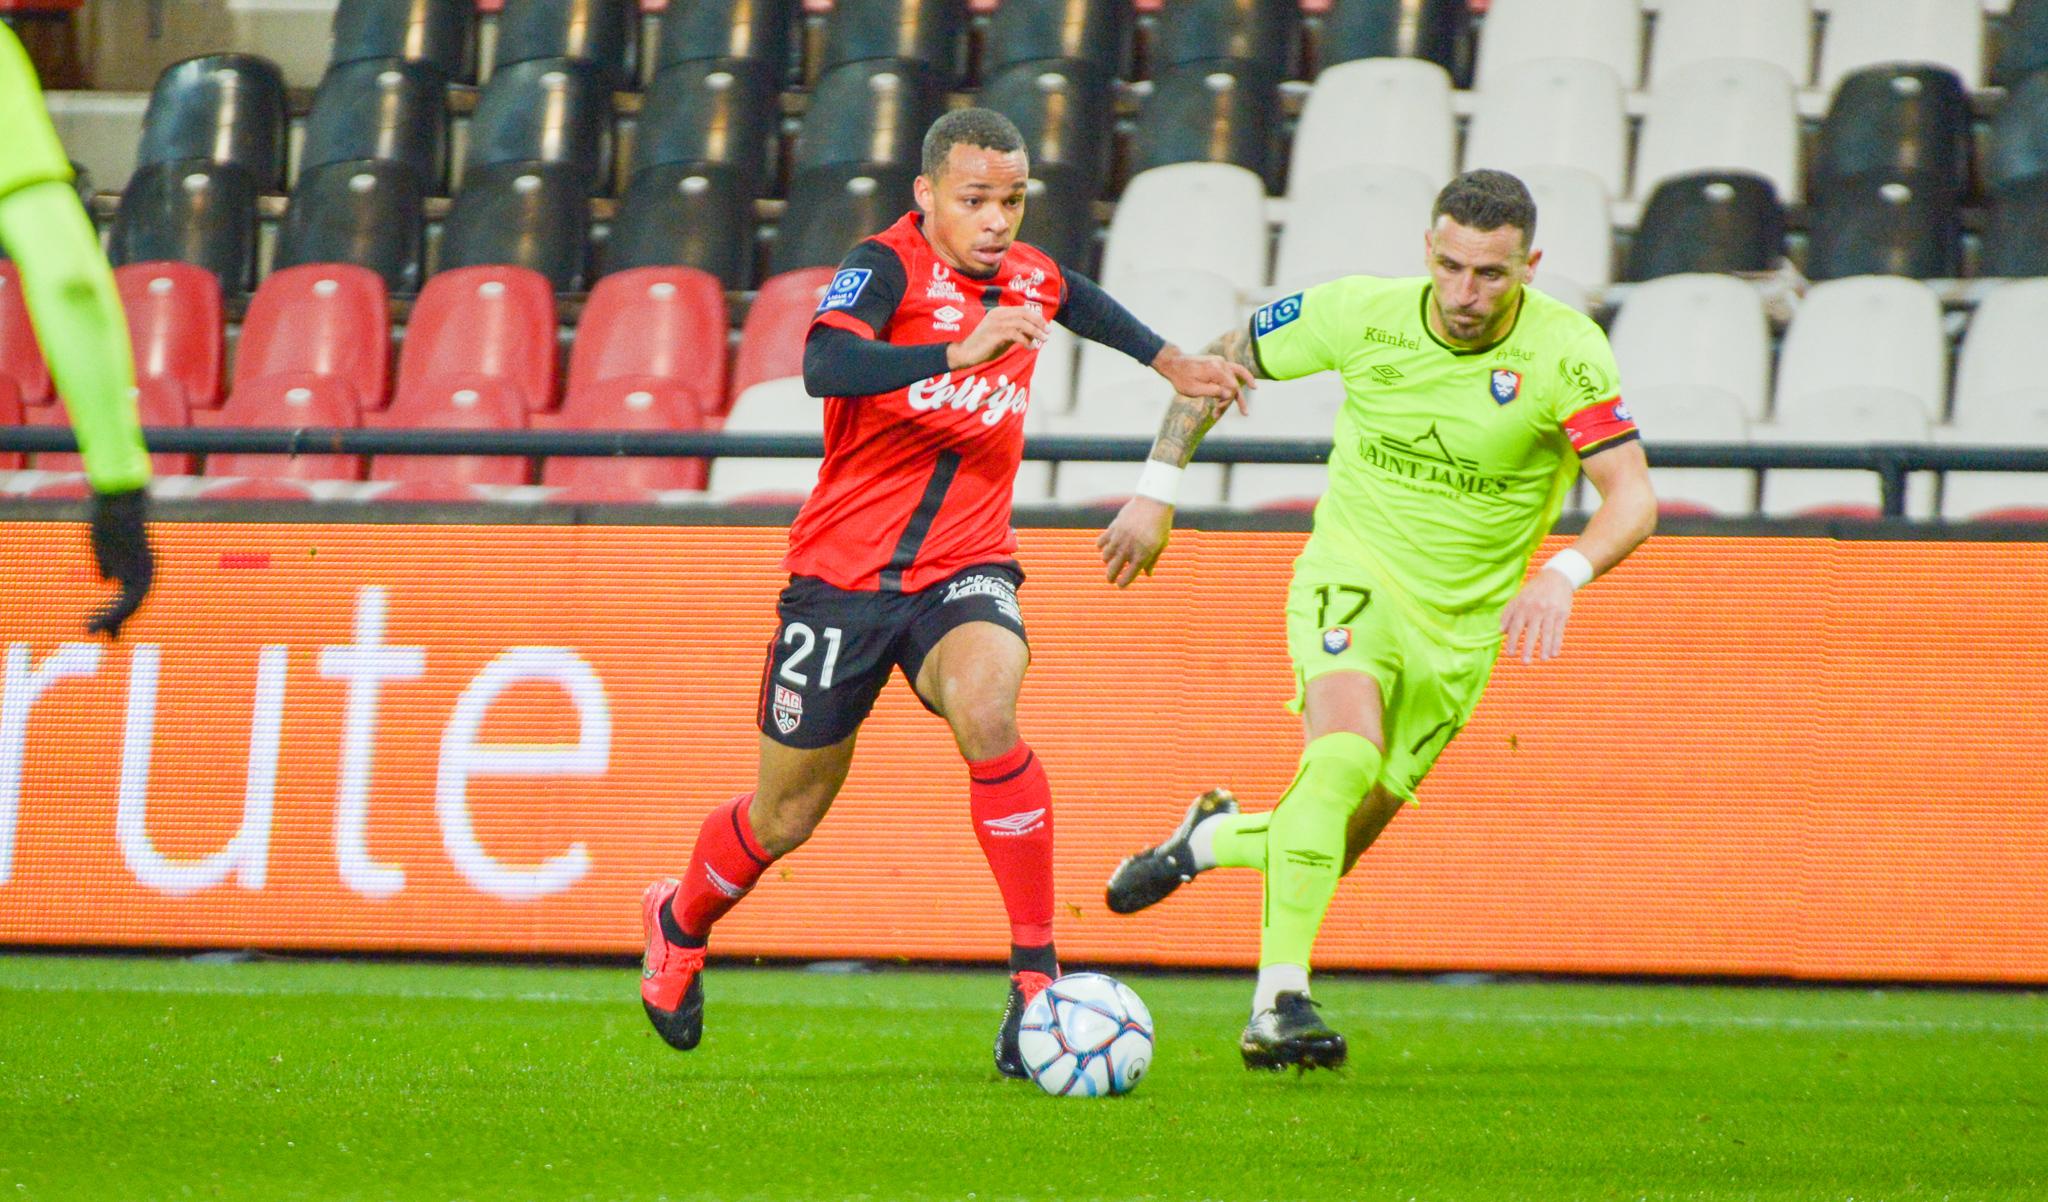 26 EA Guingamp SM Caen 2-2 Ligue 2 BKT Journée 26 2020-21 22 02 2021 EAGSMC